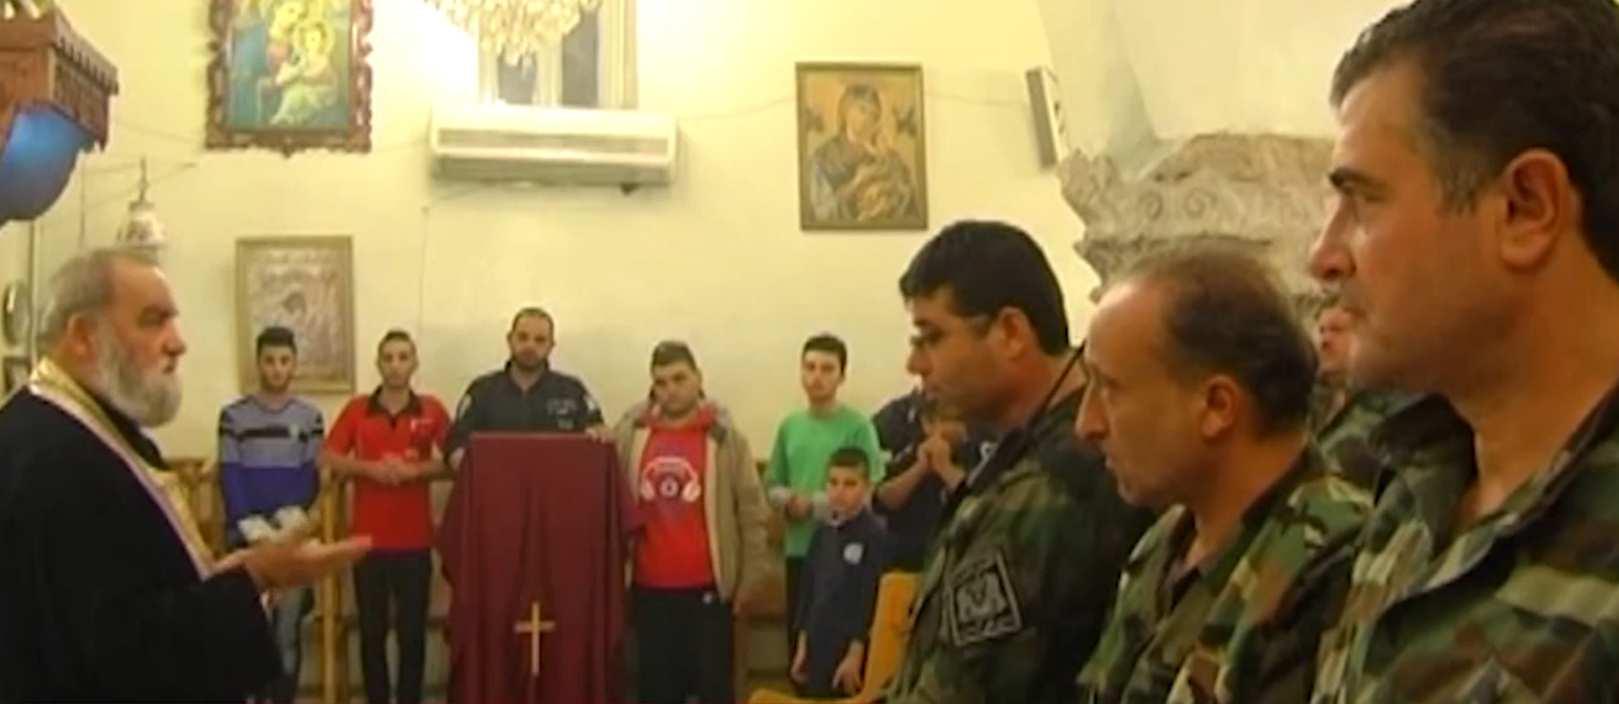 Сирийские ополченцы: «Мы будем защищать свою землю, пока не искореним эту несправедливость» (ВИДЕО)   Русская весна